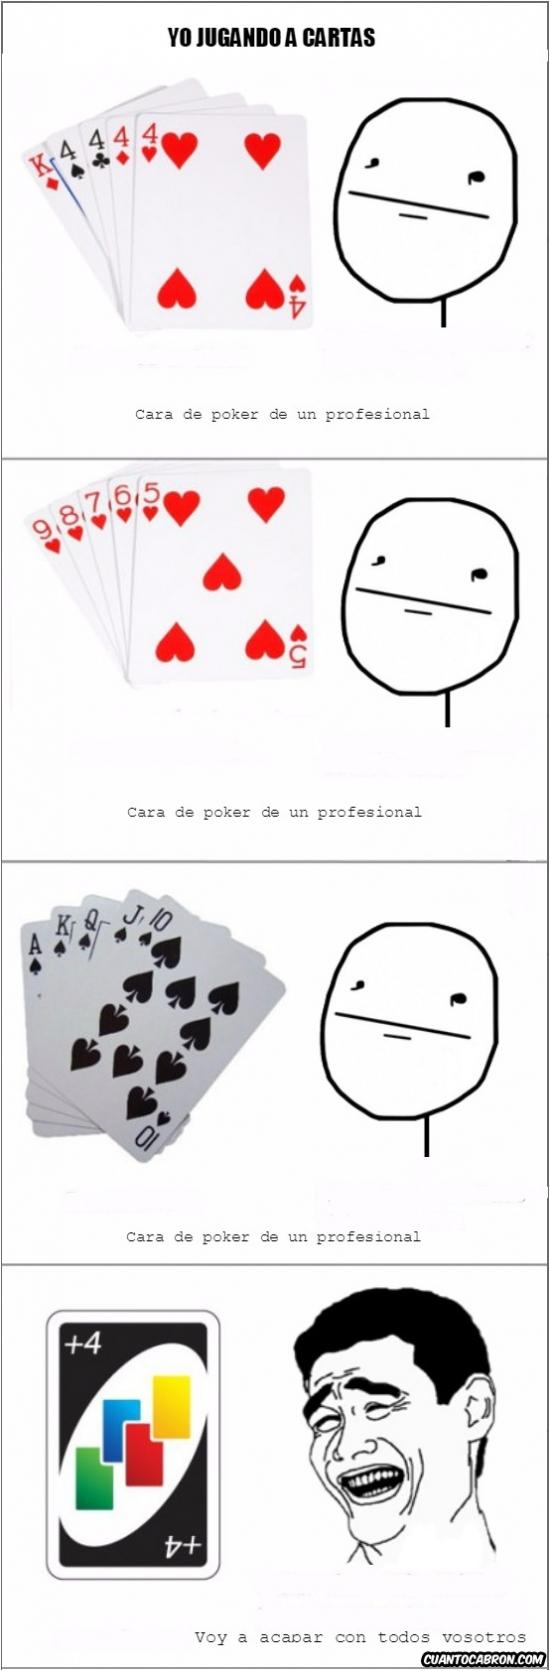 Yao - Jugando a las cartas